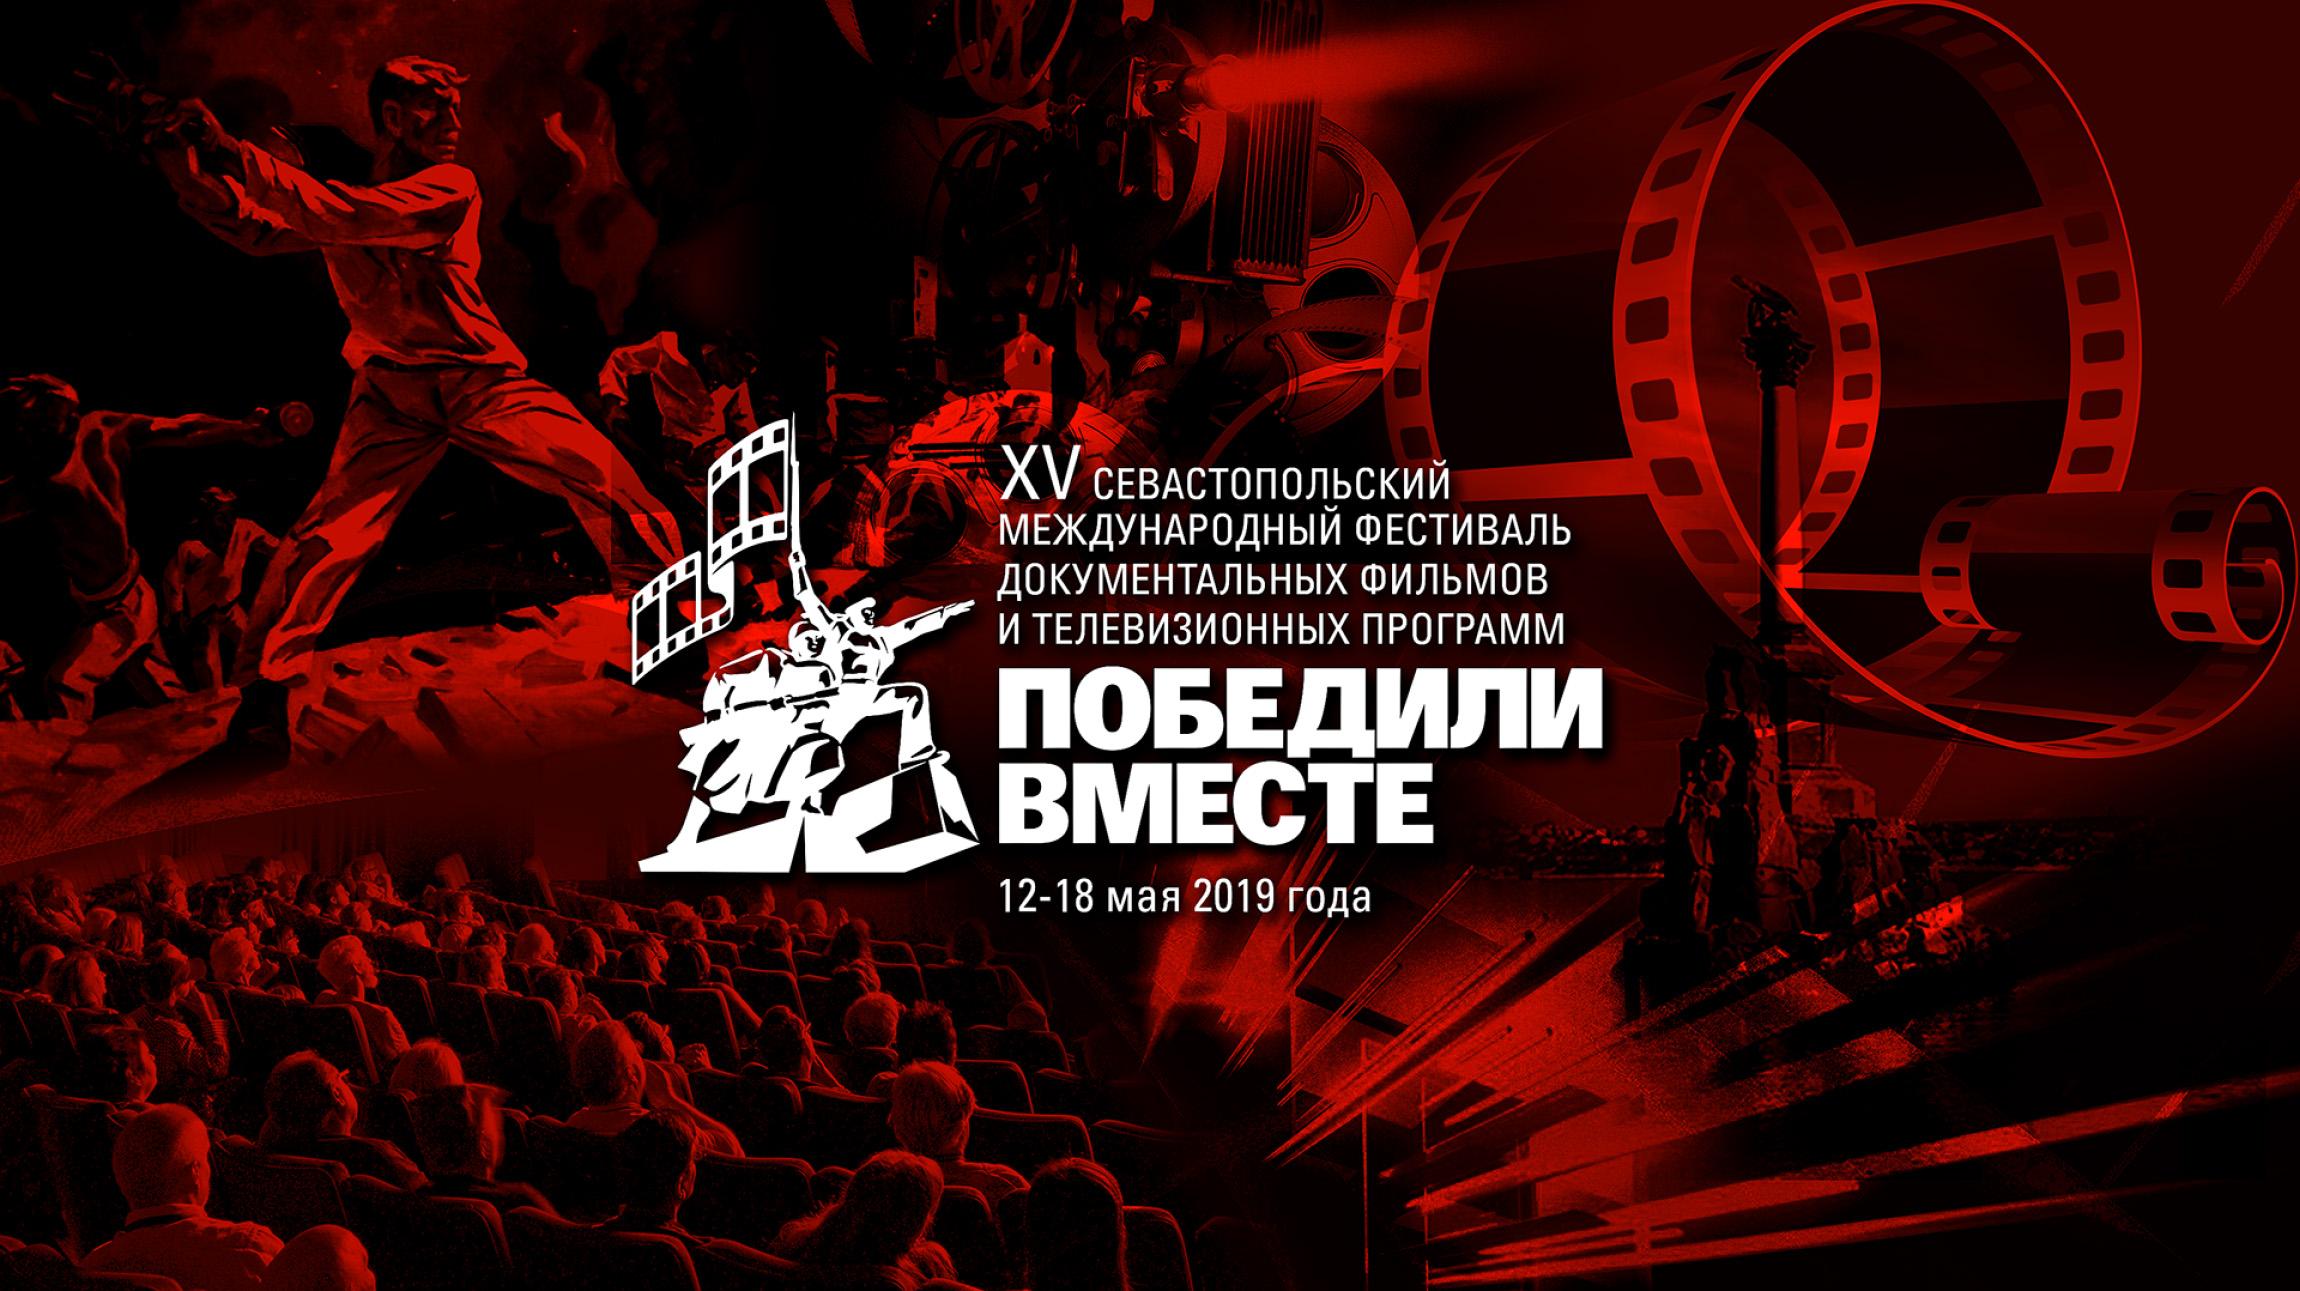 Фильм о подвиге узбекистанцев в годы Великой Отечественной Войны поборется за награду  международного фестиваля «Победили вместе»